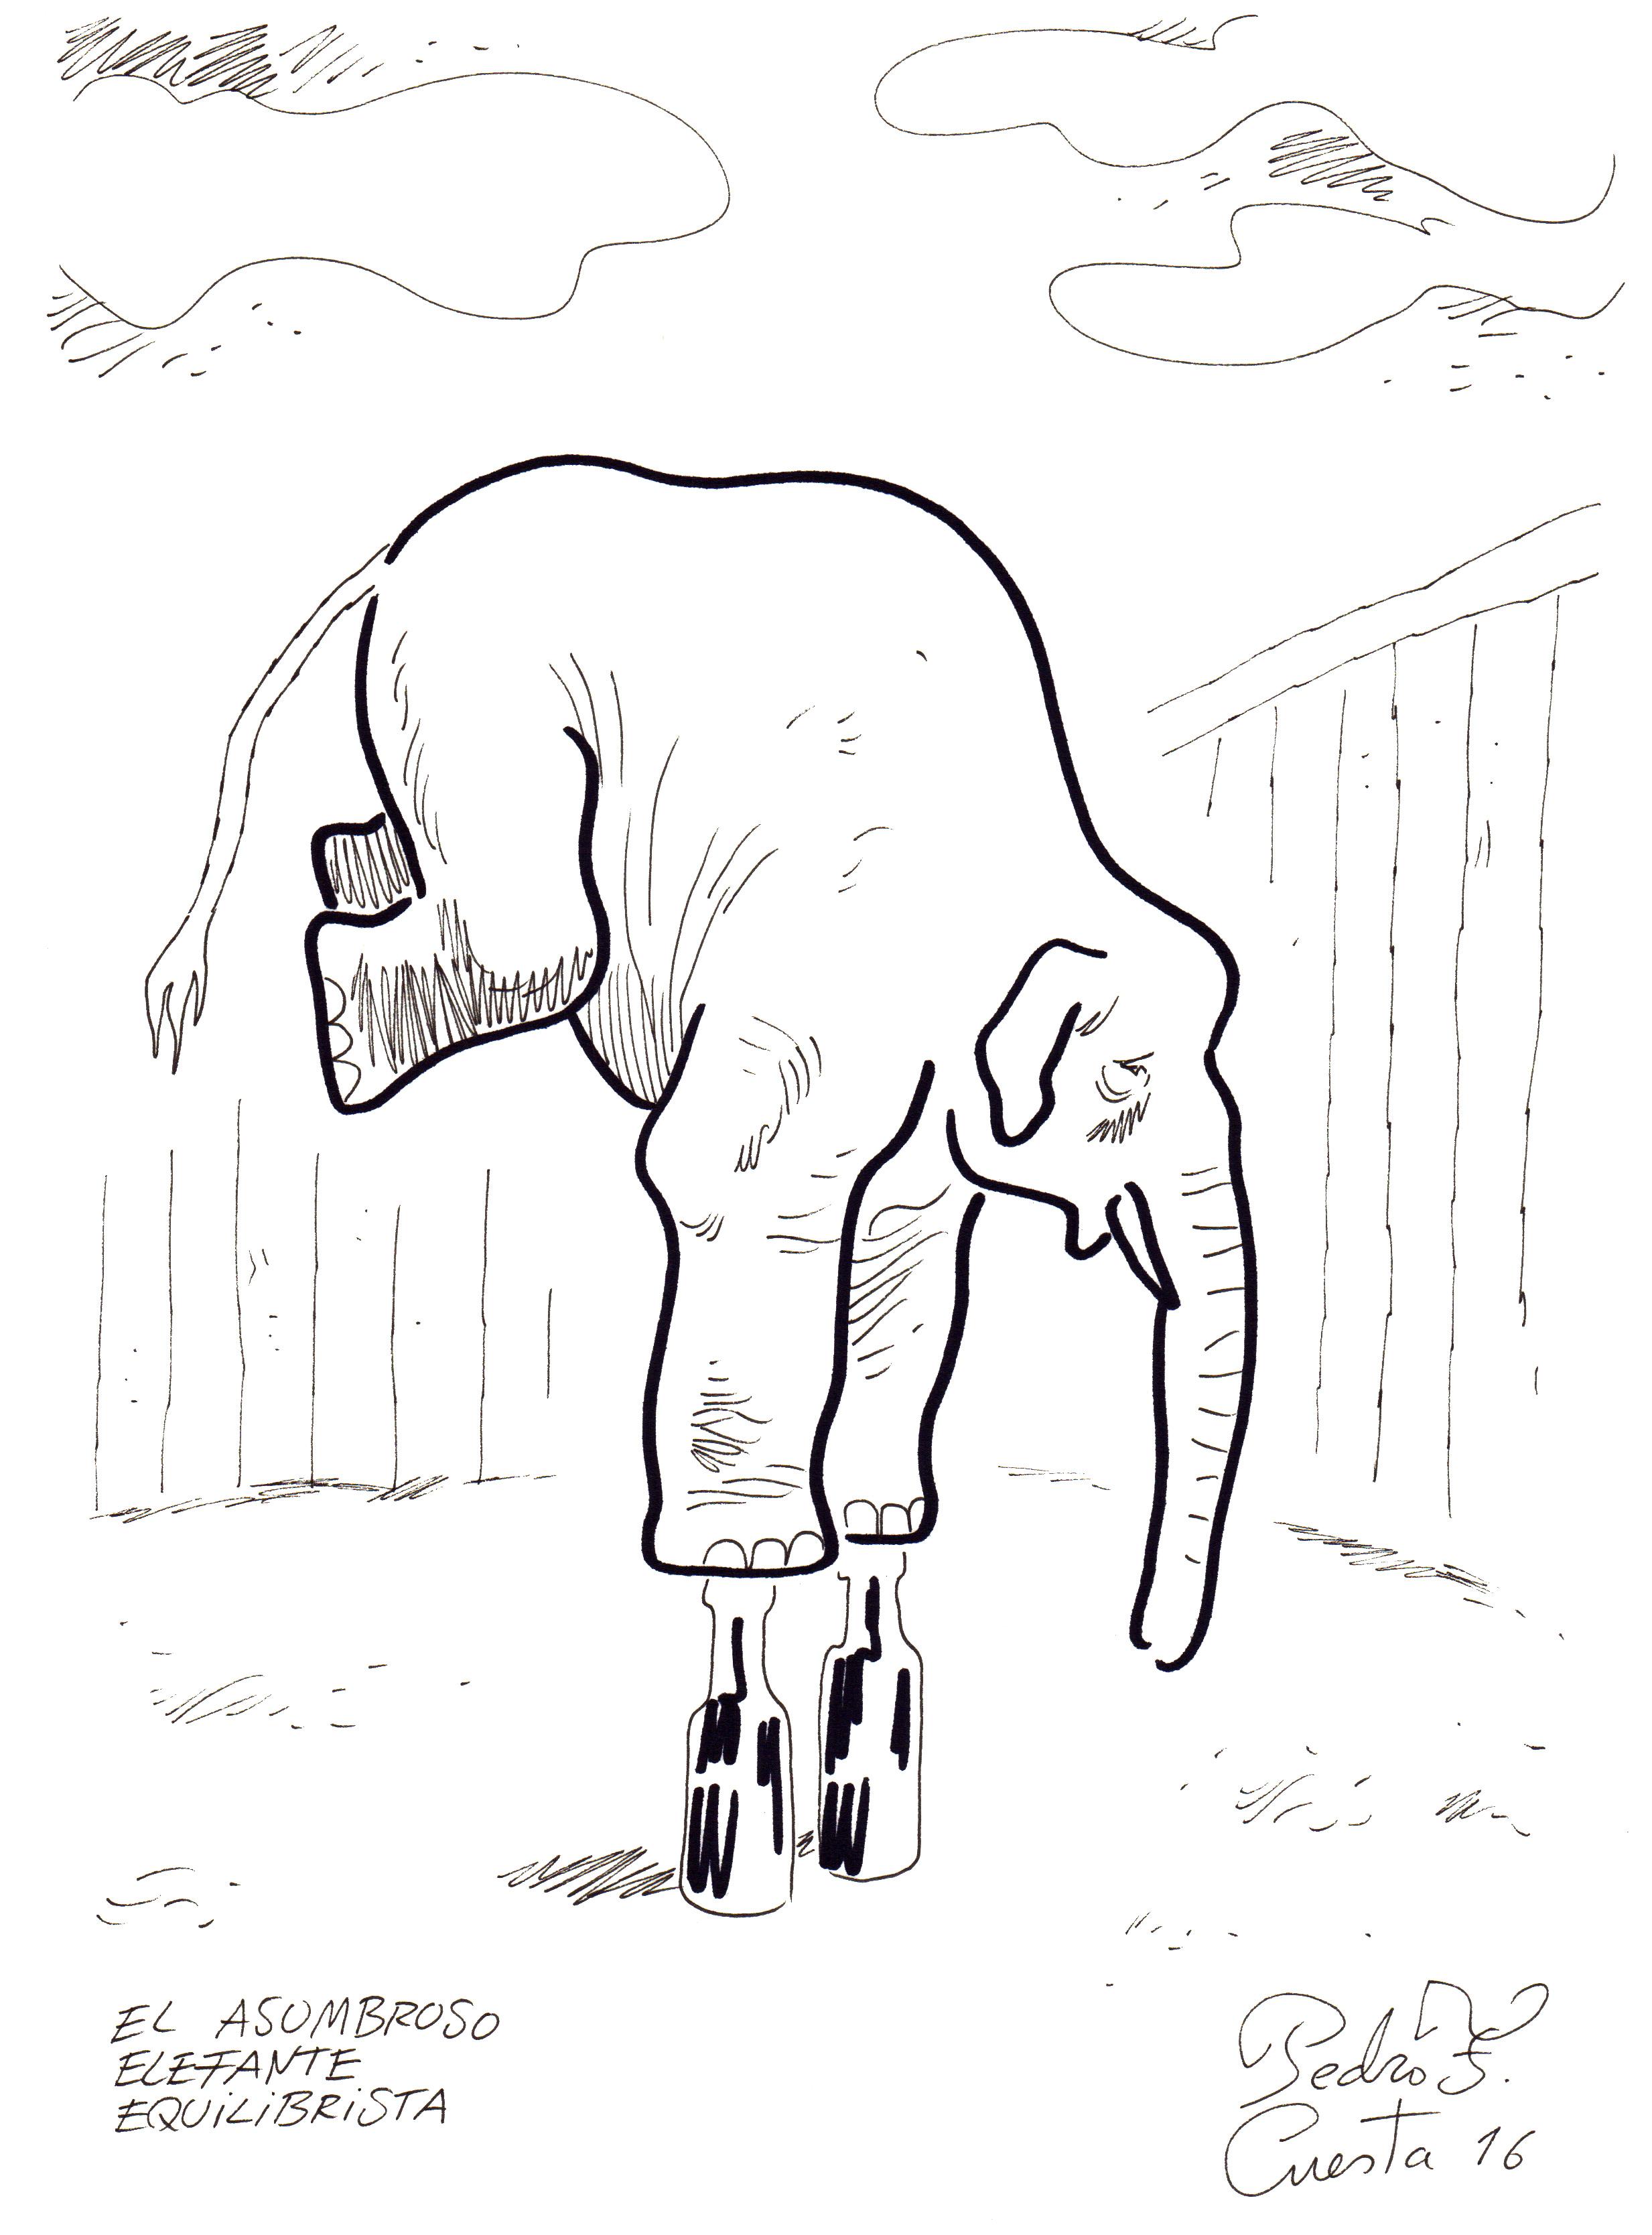 El asombroso elefante equilibrista